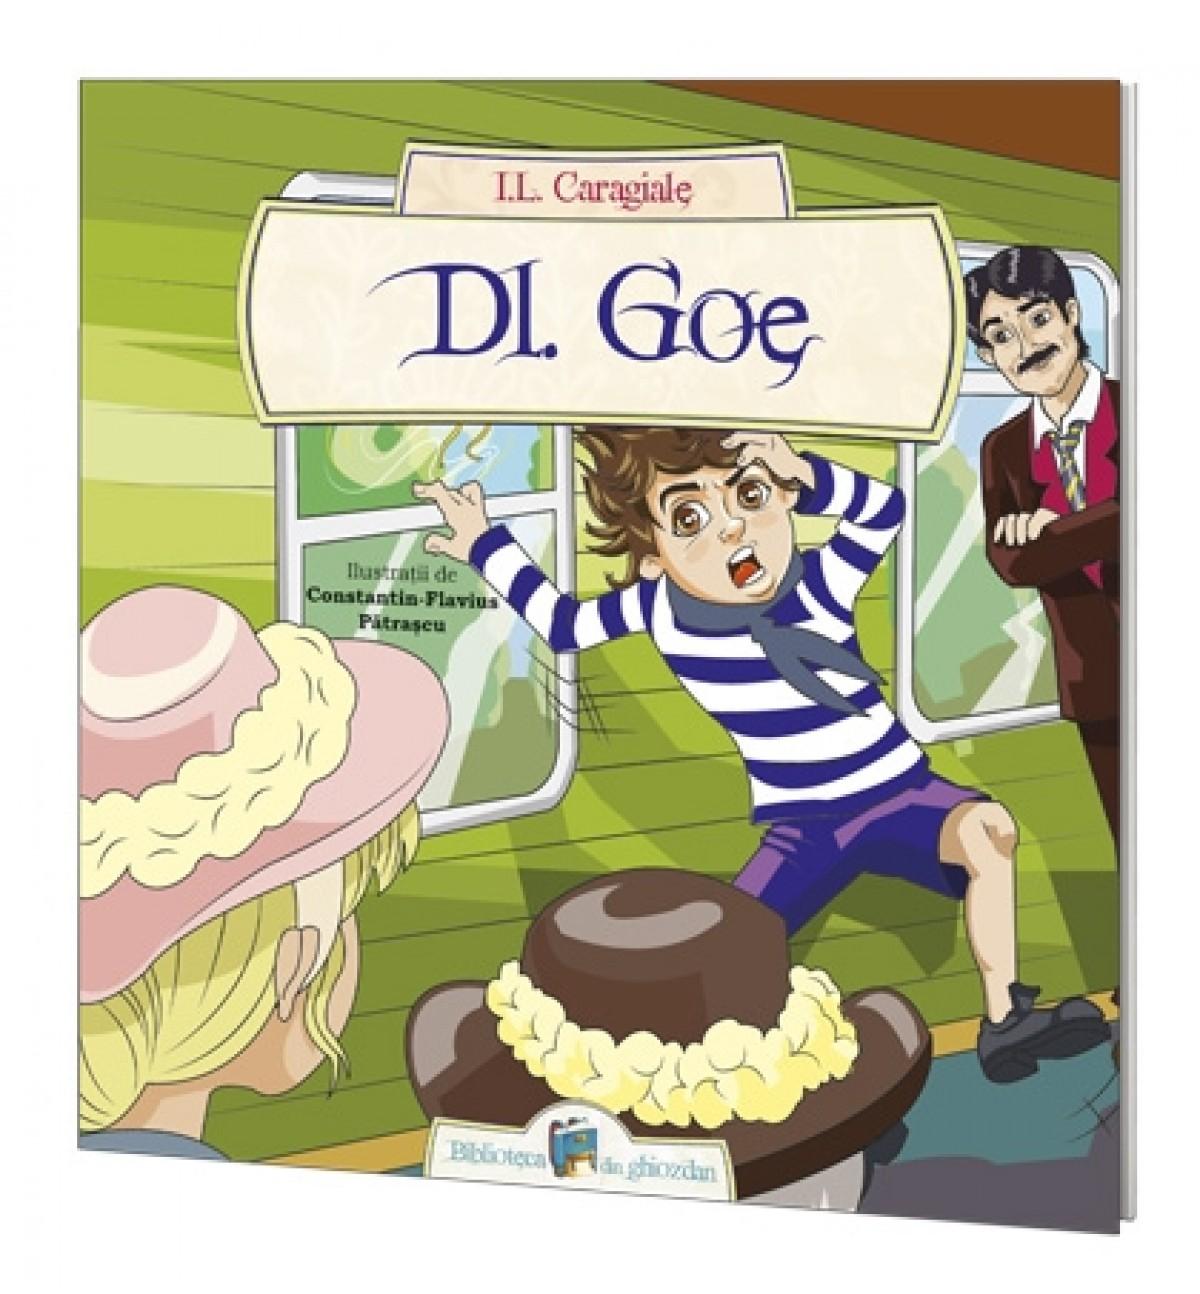 Dl. Goe